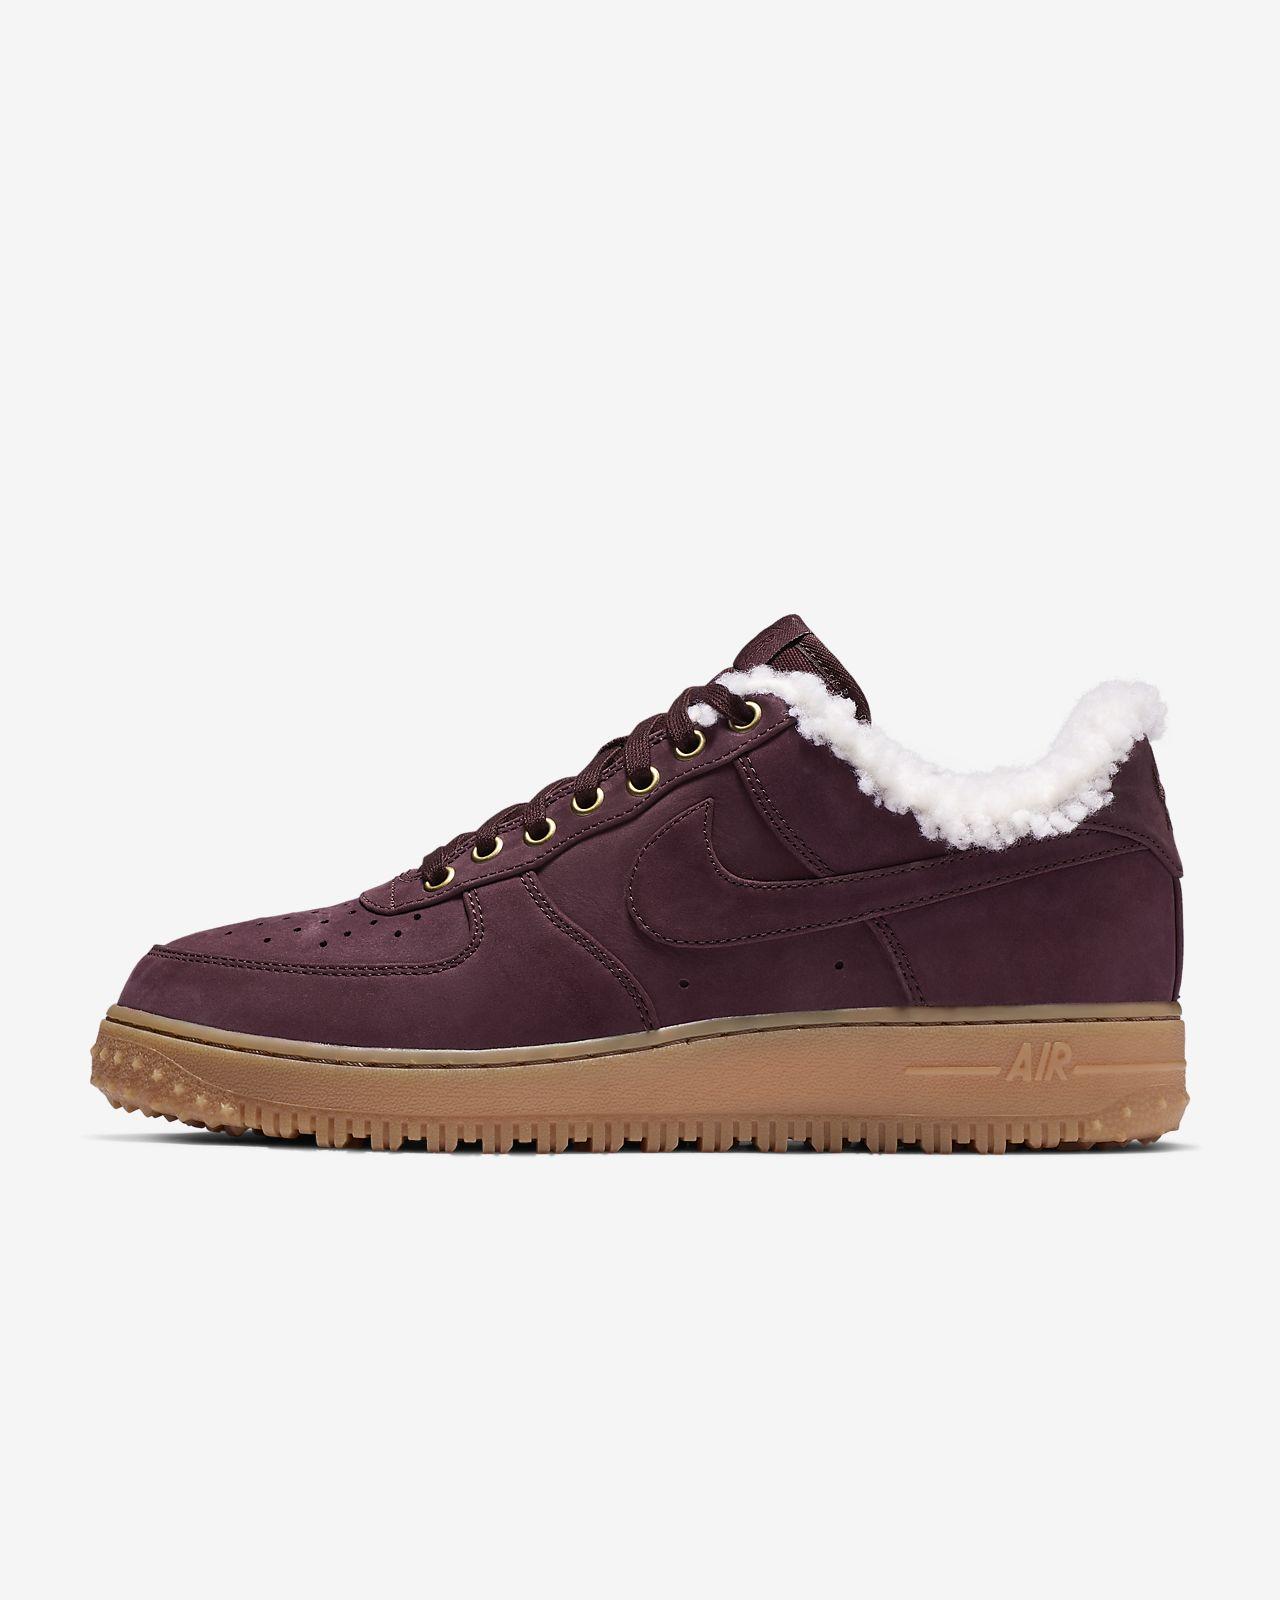 รองเท้าผู้ชาย Nike Air Force 1 Premium Winter